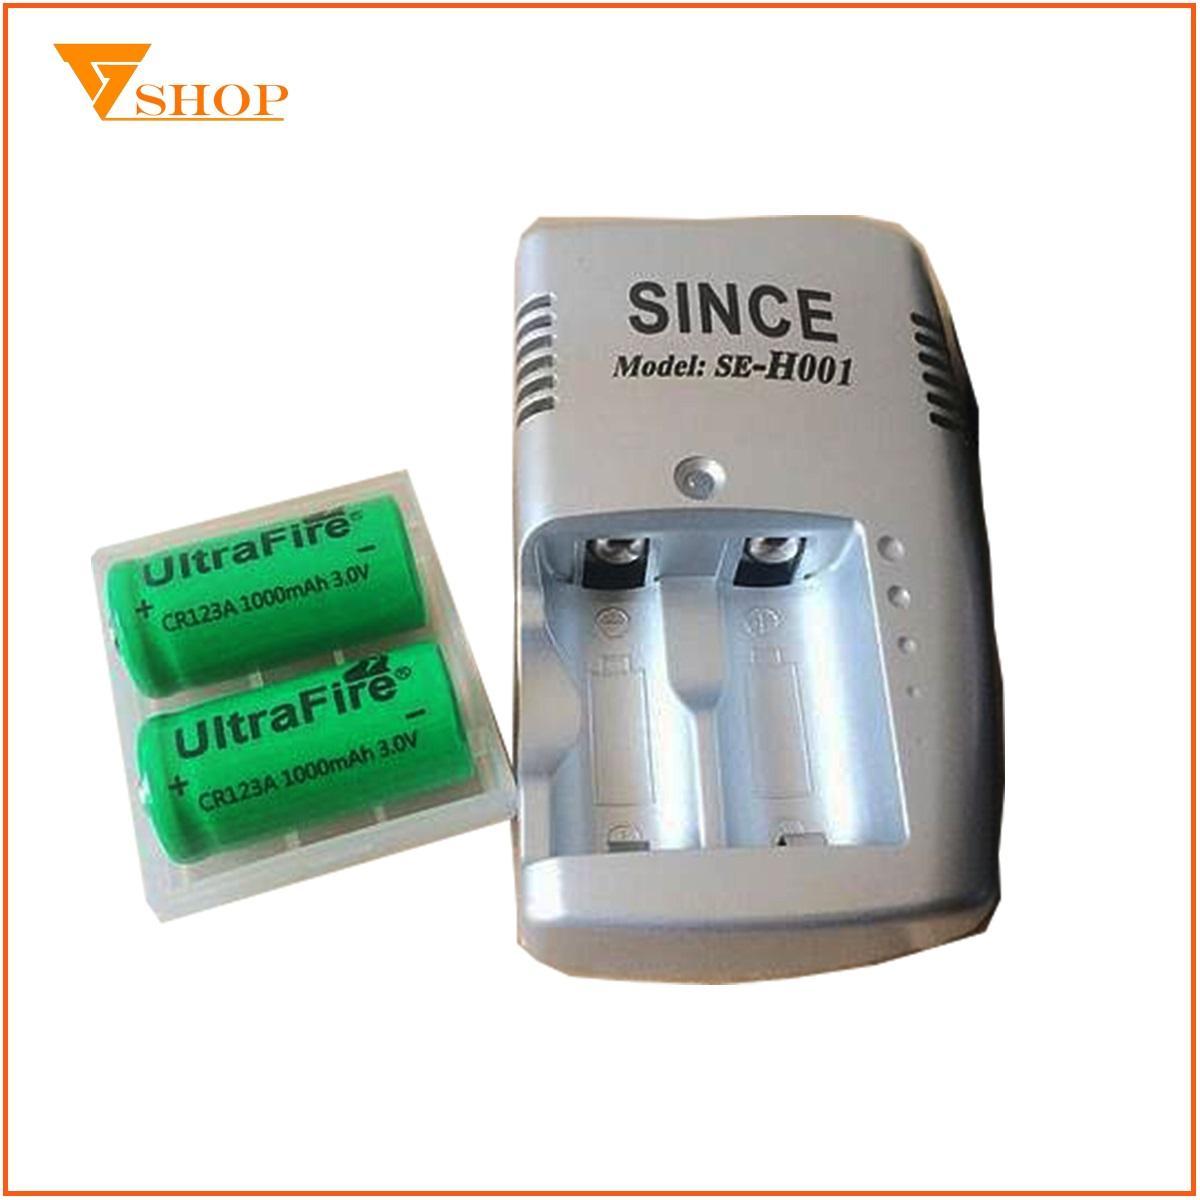 1 máy sạc pin Cr123A kèm 2 viên pin sạc Cr123A Ultra Fire 3V, pin sạc Cr123A máy ảnh